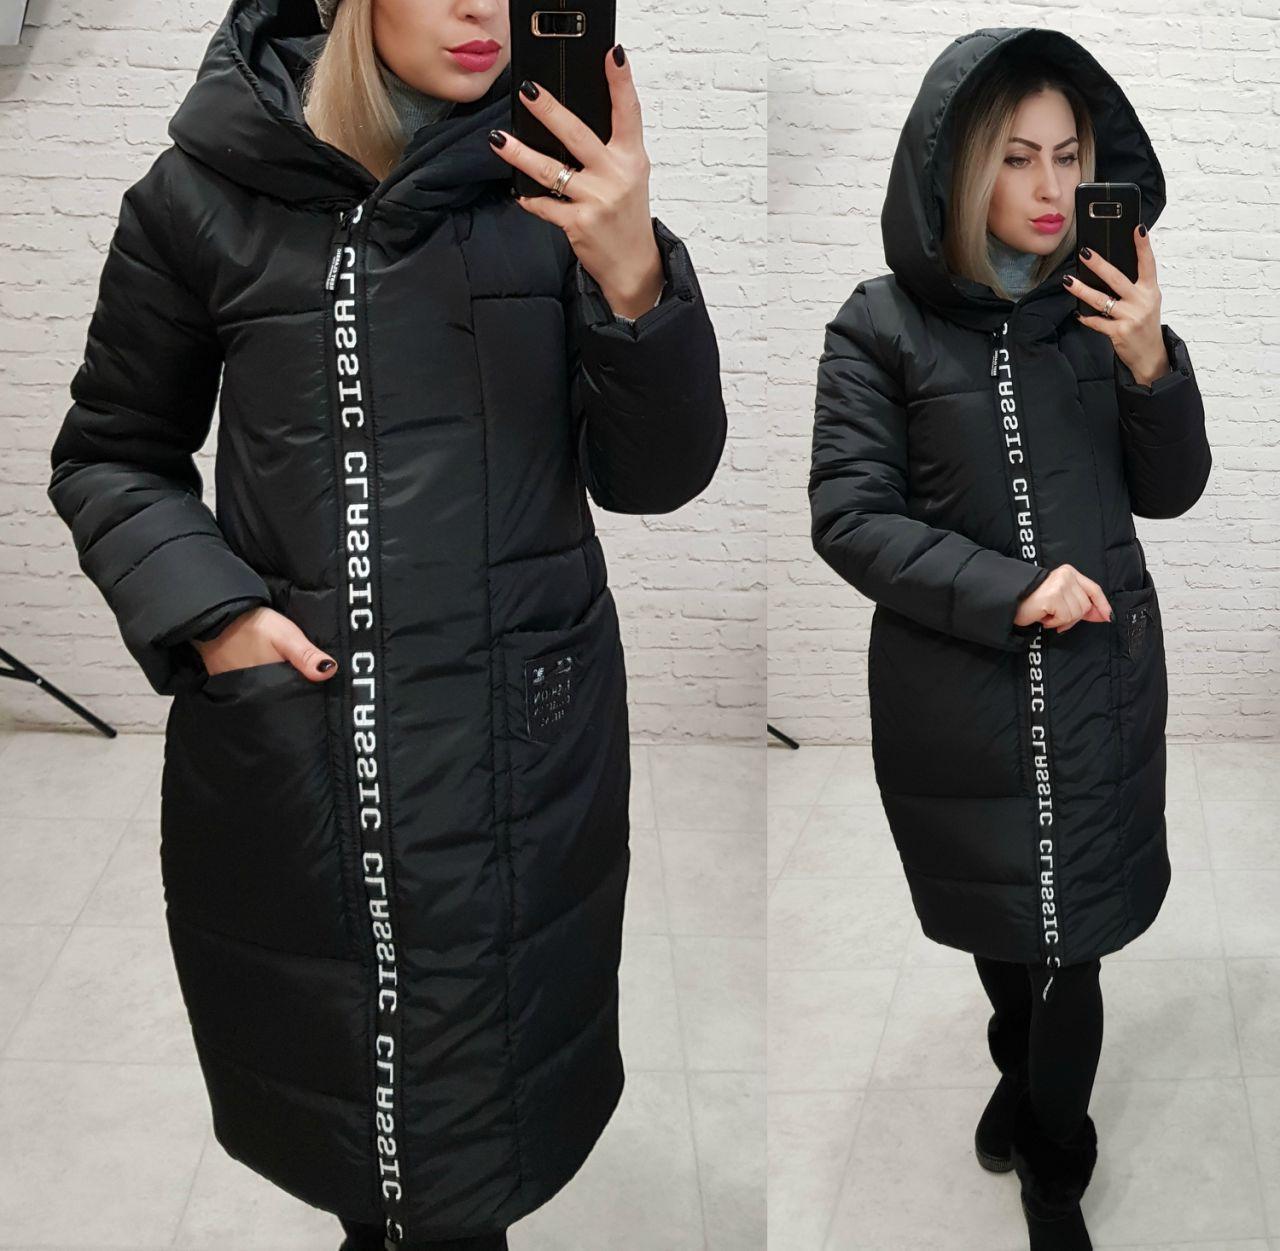 Куртка зимняя 2018/2019, модель 1003, цвет - черный